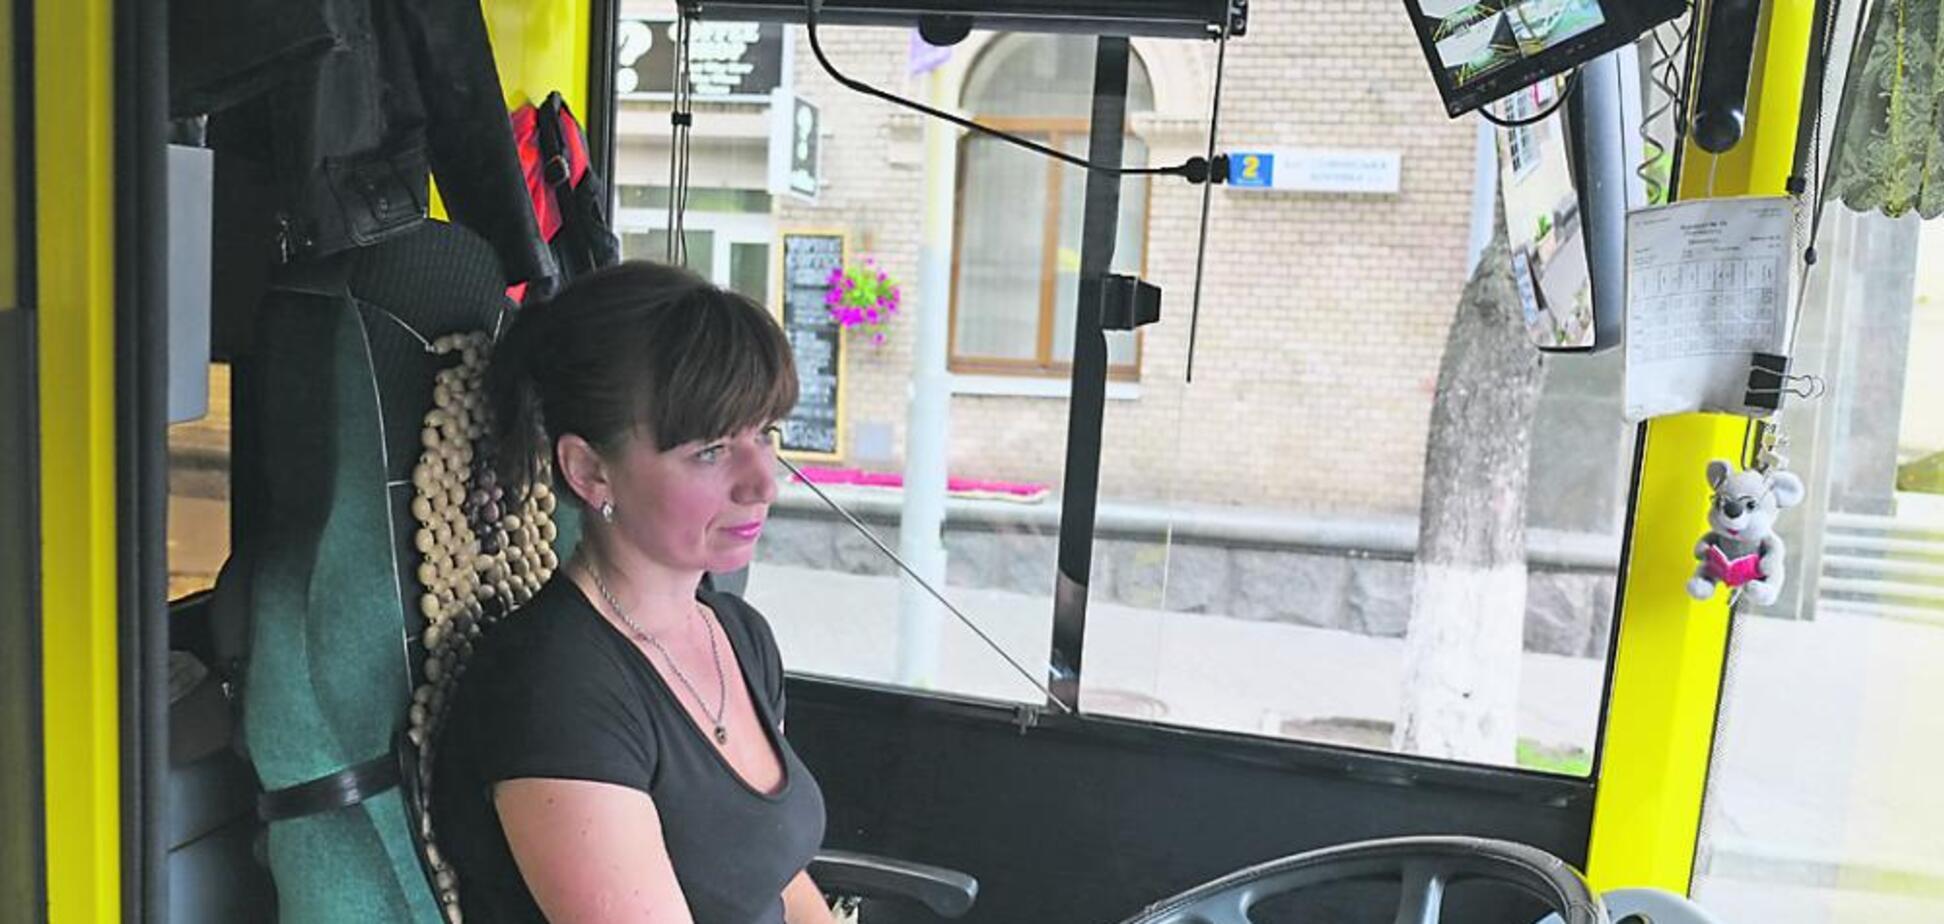 Камерыначали следить за водителями во львовских трамваях